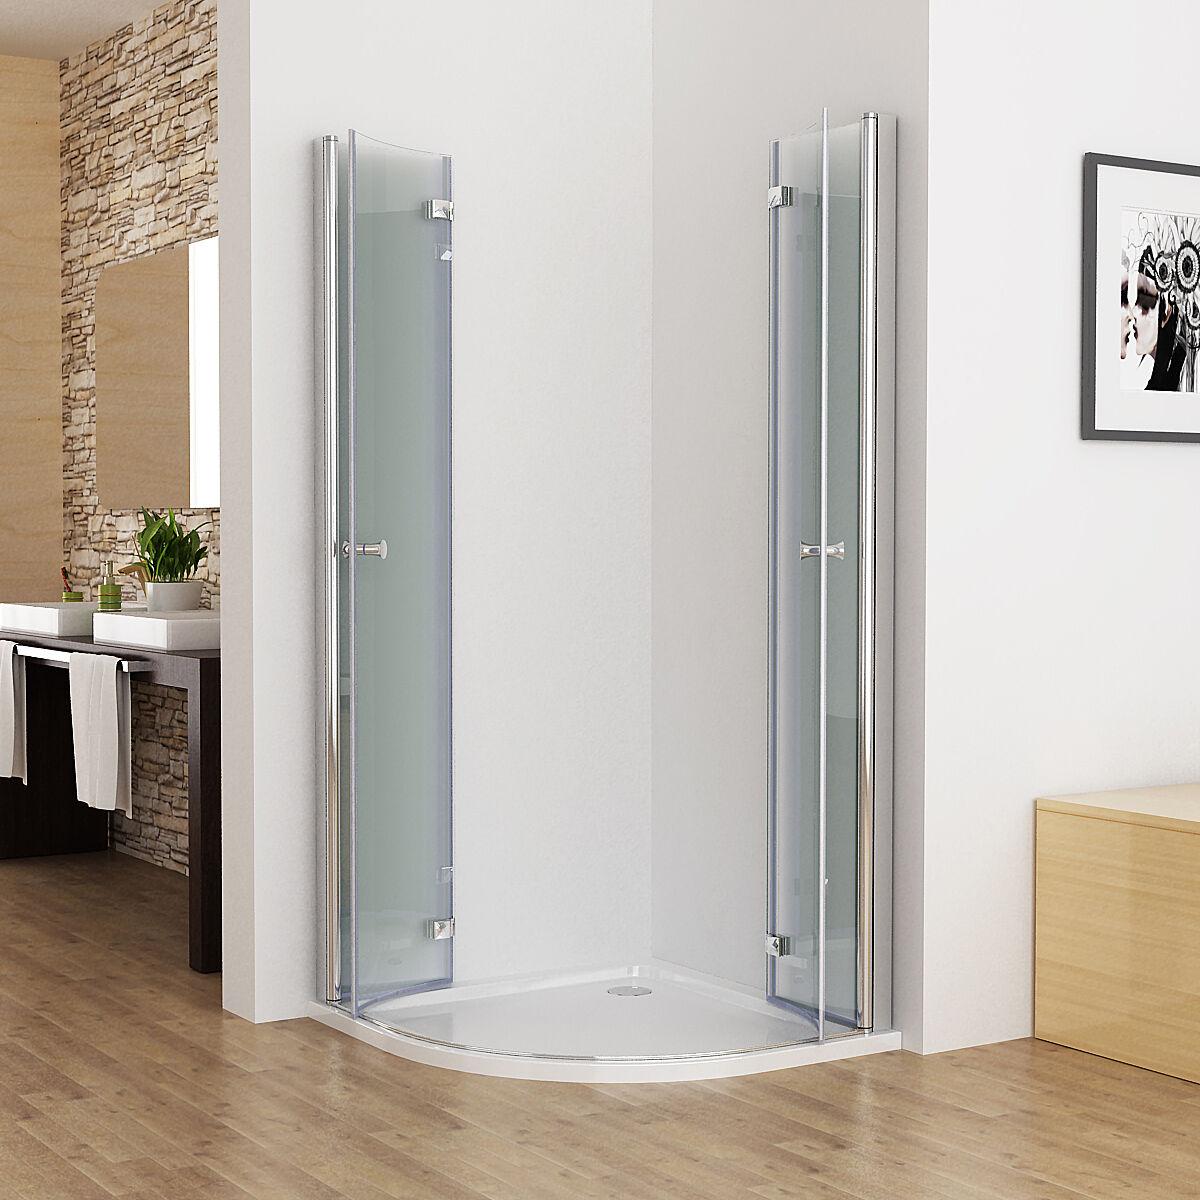 duschkabine runddusche duschabtrennung echtglas. Black Bedroom Furniture Sets. Home Design Ideas